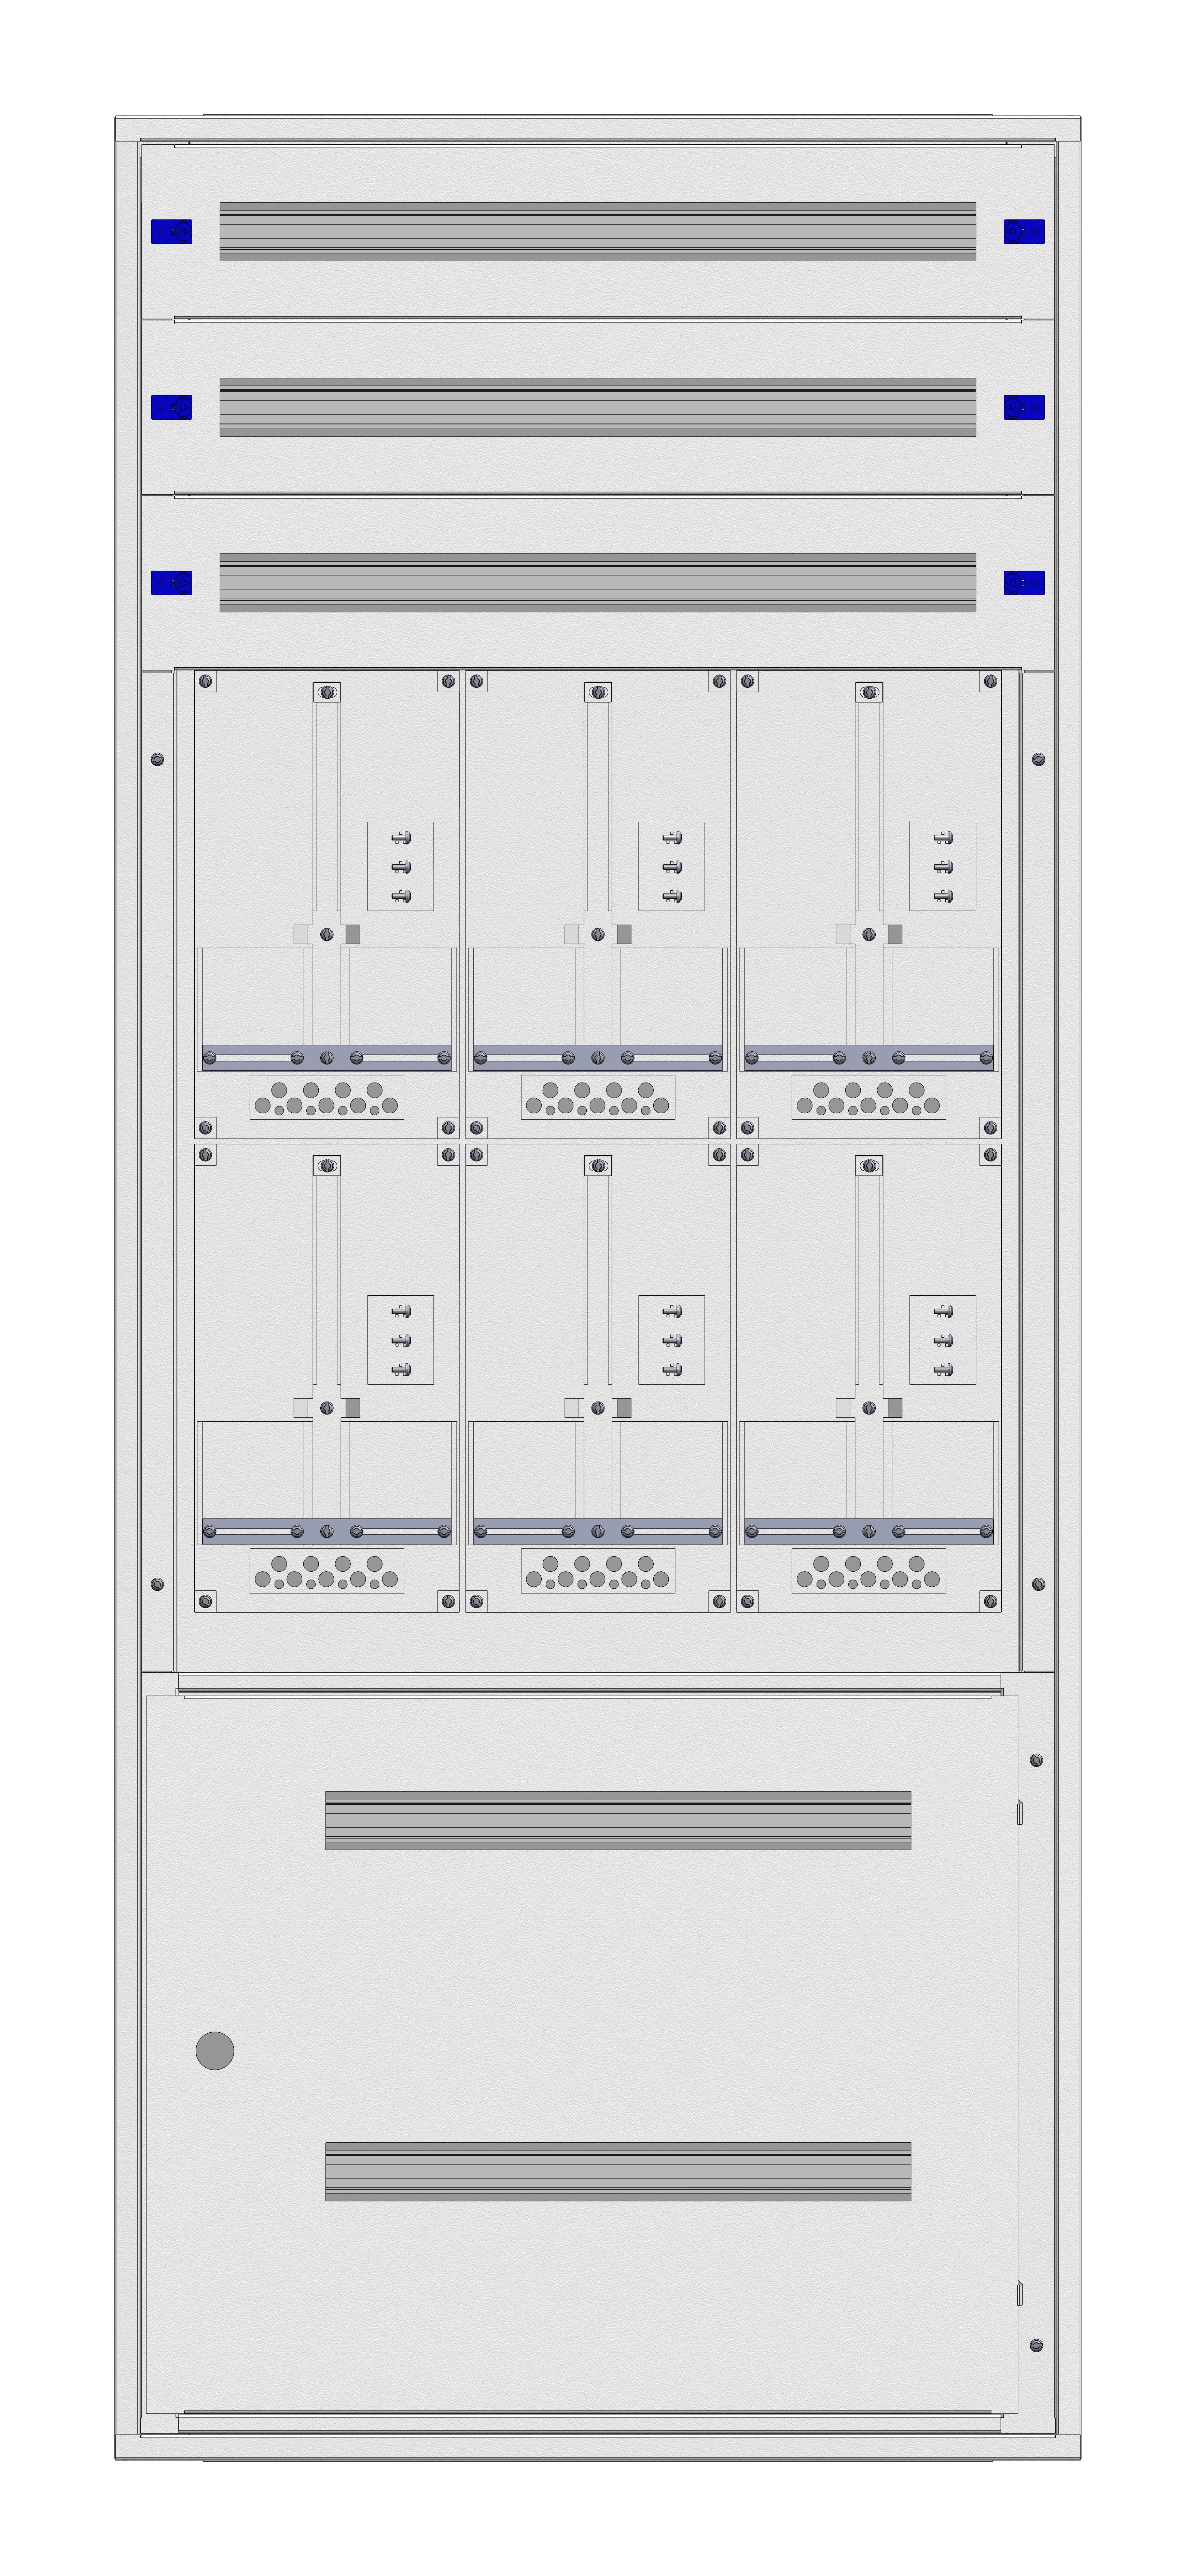 1 Stk Aufputz-Zählerverteiler 3A-39G/STMK 6ZP, H1885B810T250mm IL162339GS